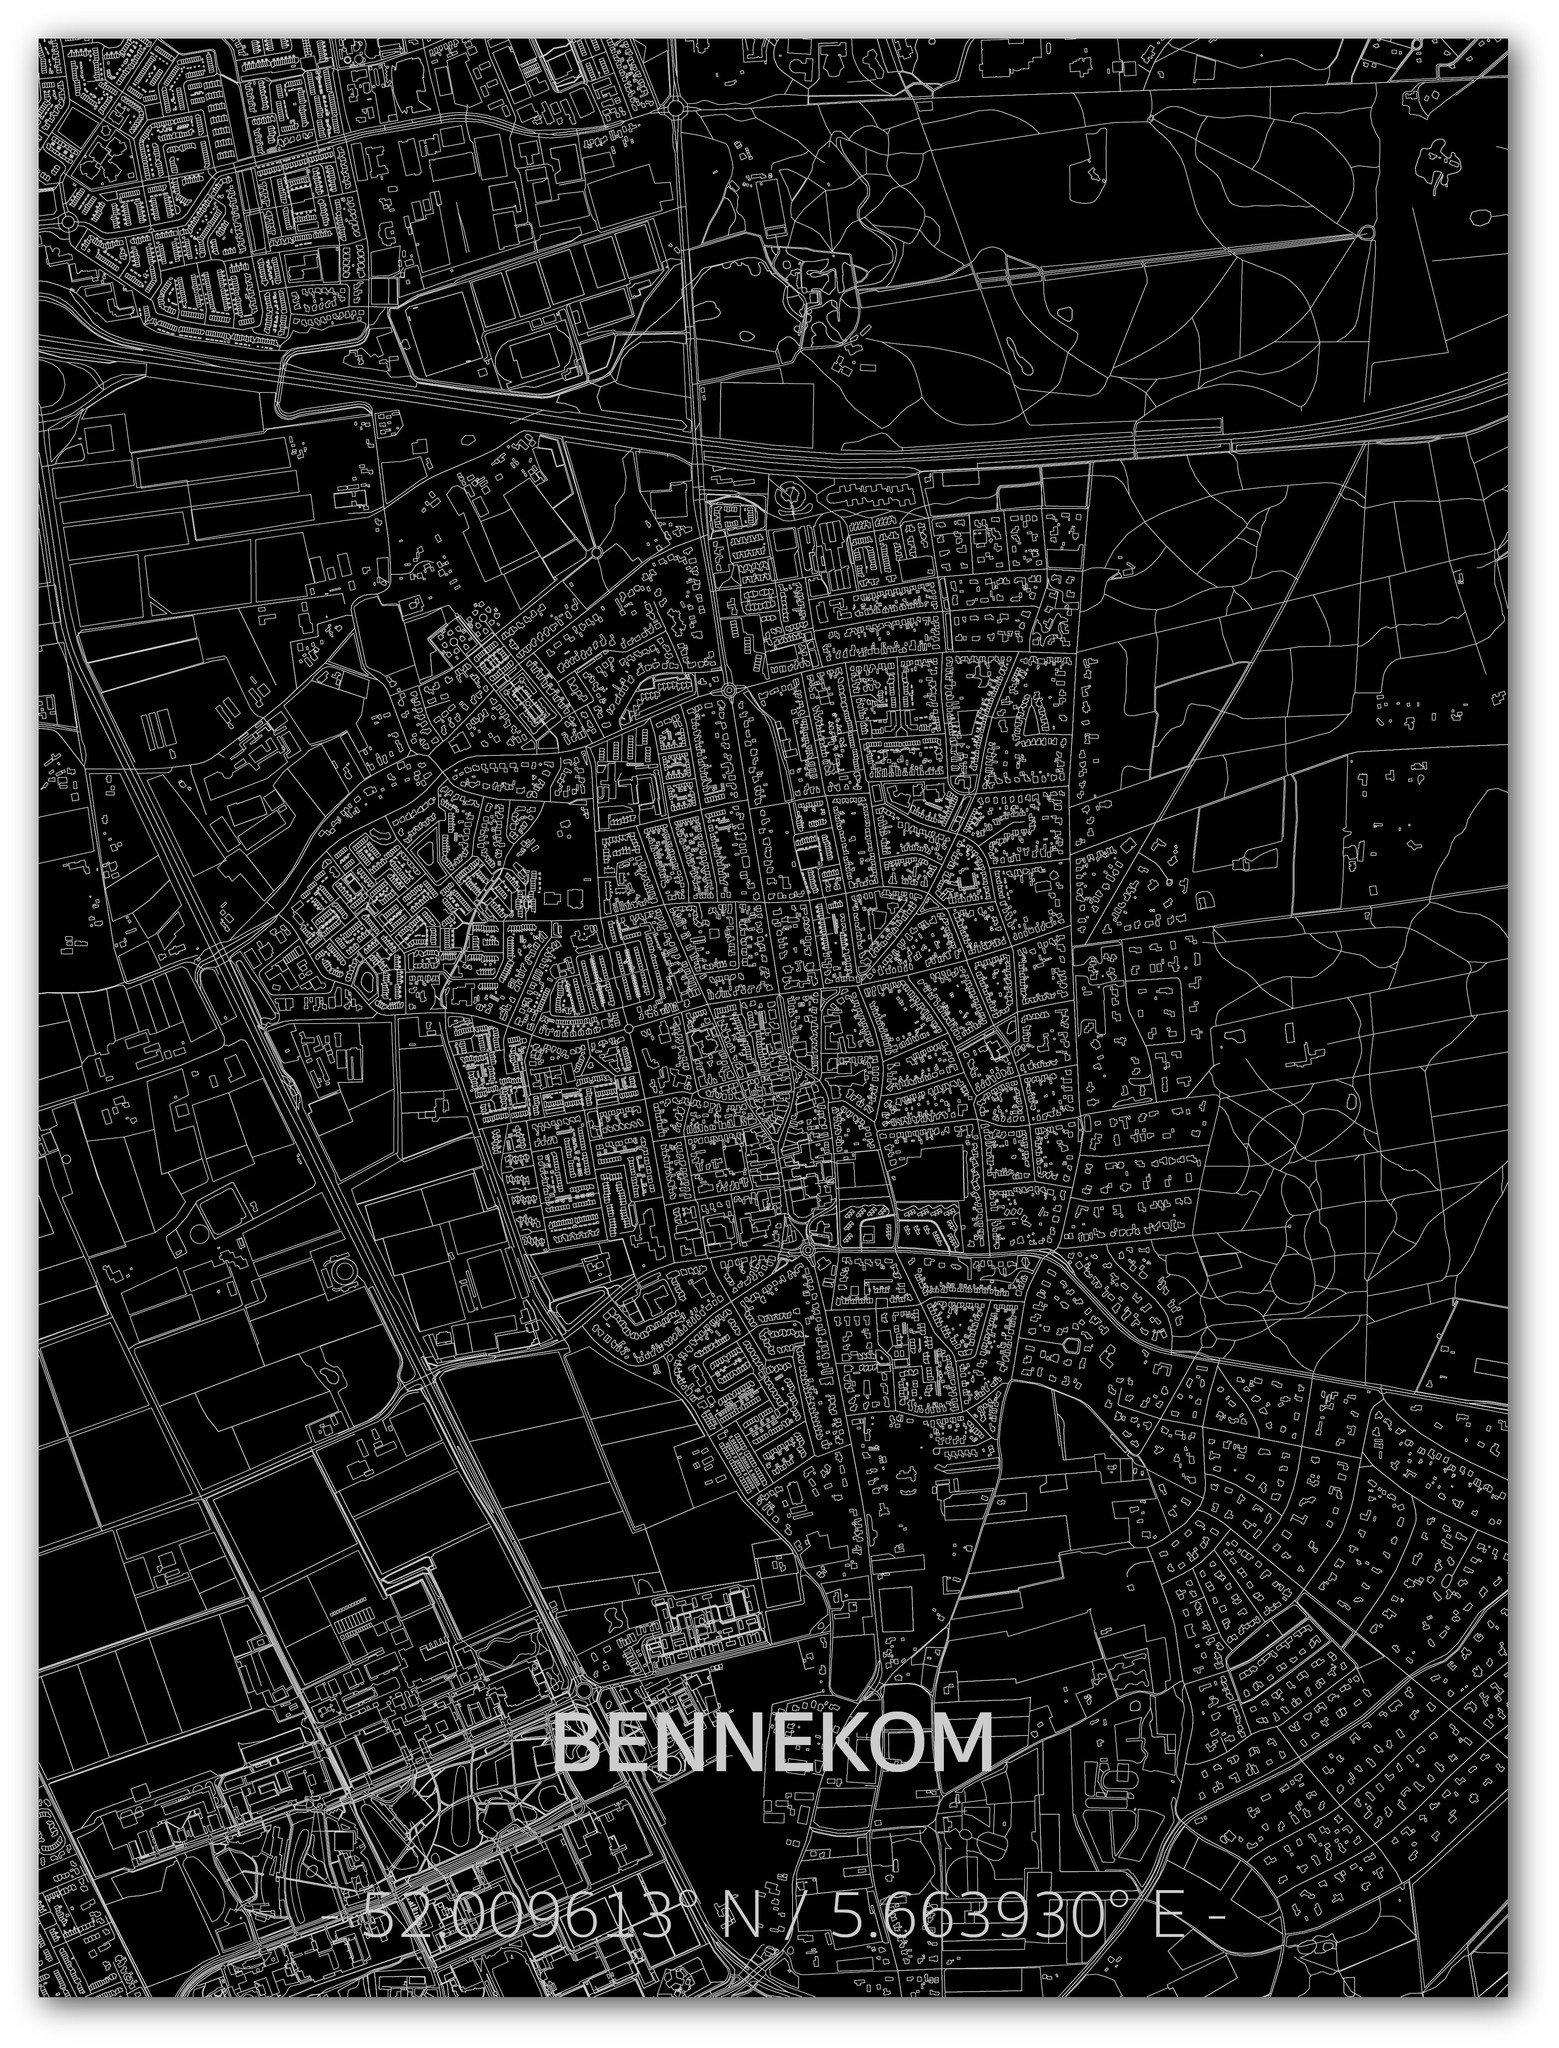 Citymap Bennekom | Aluminum wall decoration-1